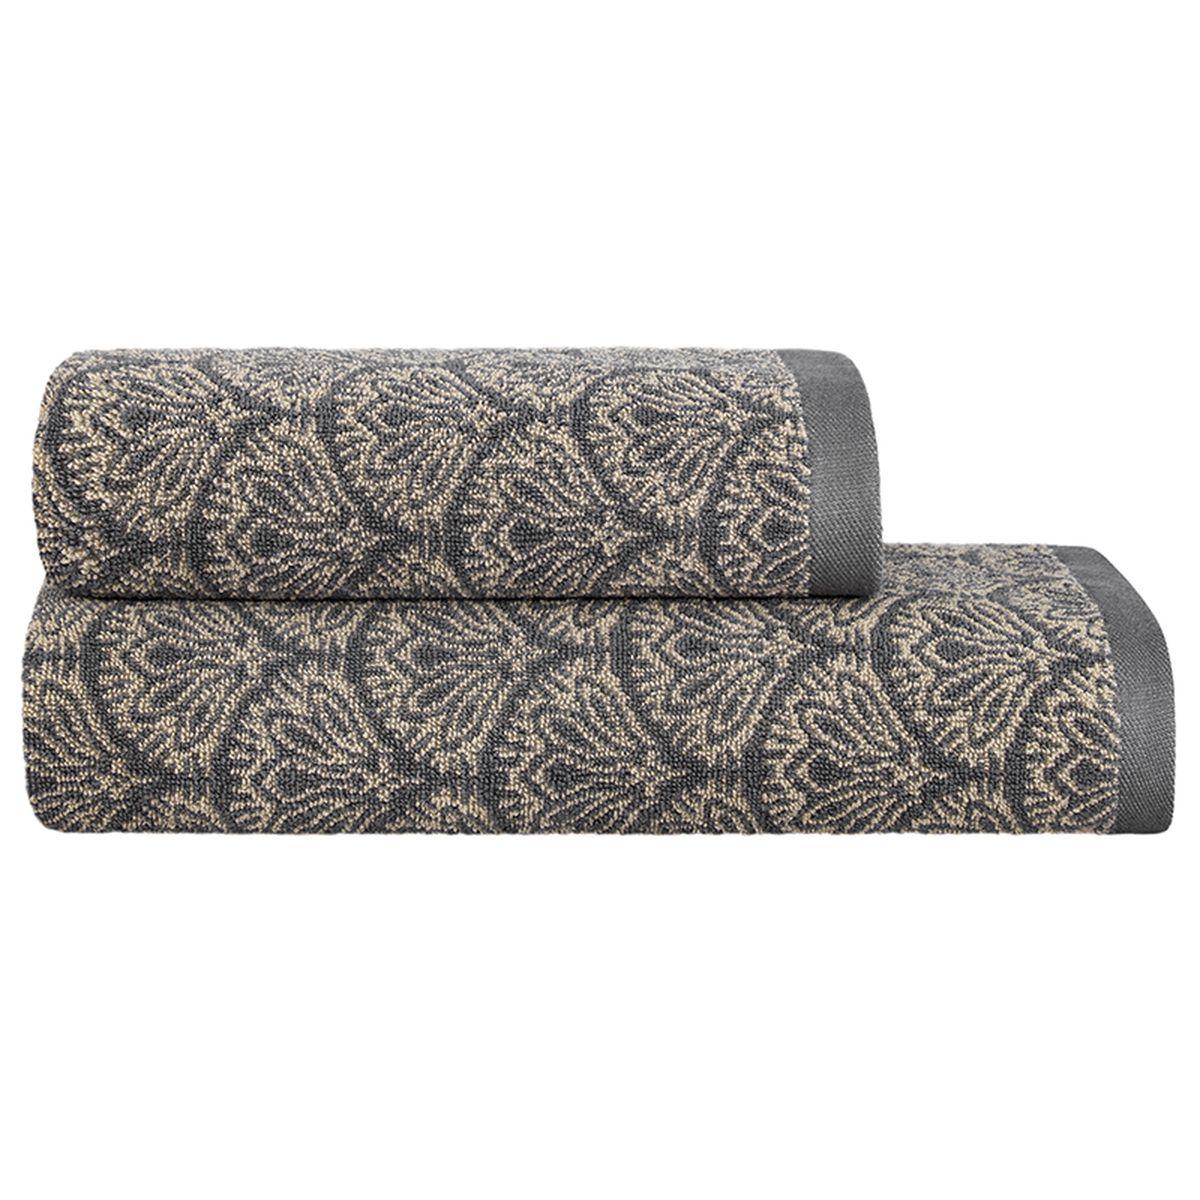 Набор полотенец Togas Арт-деко, 2 шт10.00.00.0607Набор Togas Арт-деко, выполненный из 60% хлопка и 40% модела, невероятно гармонично сочетает в себе лучшие качества современного махрового текстиля. Набор полотенец идеально заботится о вашей коже, особенно после душа, когда вы расслаблены и особо уязвимы. Деликатный дизайн полотенец Togas «Арт-деко» - воплощение изысканной простоты, где на первый план выходит качество материала. Невероятно мягкое волокно модал, превосходящее по своим свойствам даже хлопок, позволяет улучшить впитывающие качества полотенца и делает его удивительно мягким. Модал - это 100% натуральное, экологически чистое целлюлозное волокно. Оно производится без применения каких-либо химических примесей, поэтому абсолютно гипоаллергенно. Набор полотенец Togas Арт-деко, обладающий идеальными качествами, будет поднимать вам настроение. Размер полотенца: 50 х 100 см; 70 х 140 см.